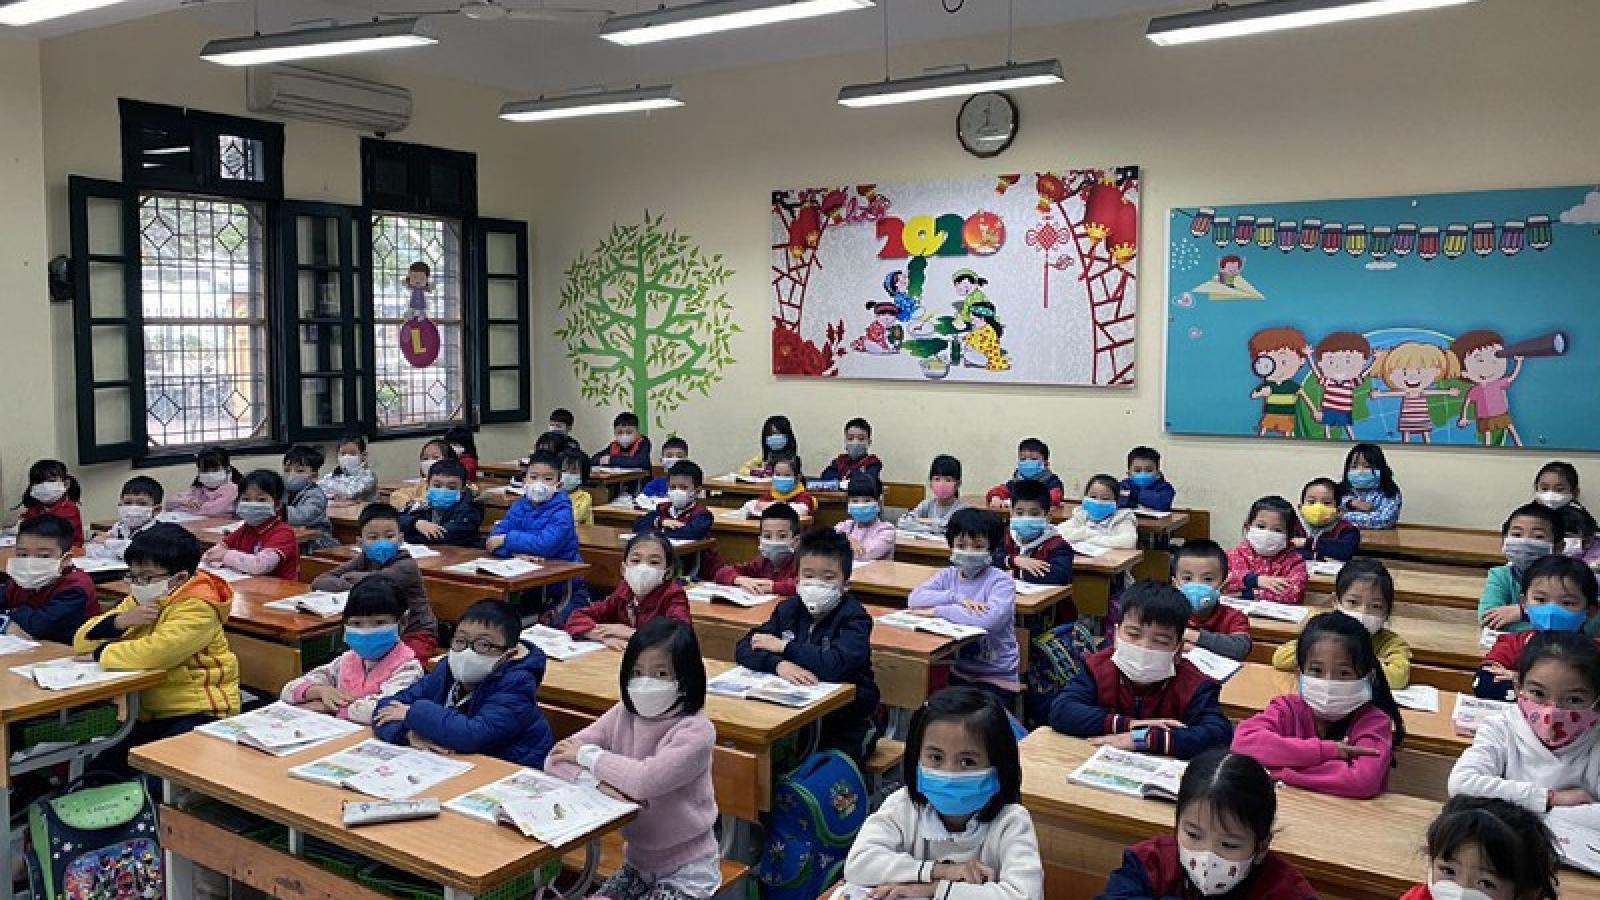 Hà Nội cho HS,SV đi học trở lại từ ngày 4/5, riêng tiểu học, mầm non từ ngày 11/5